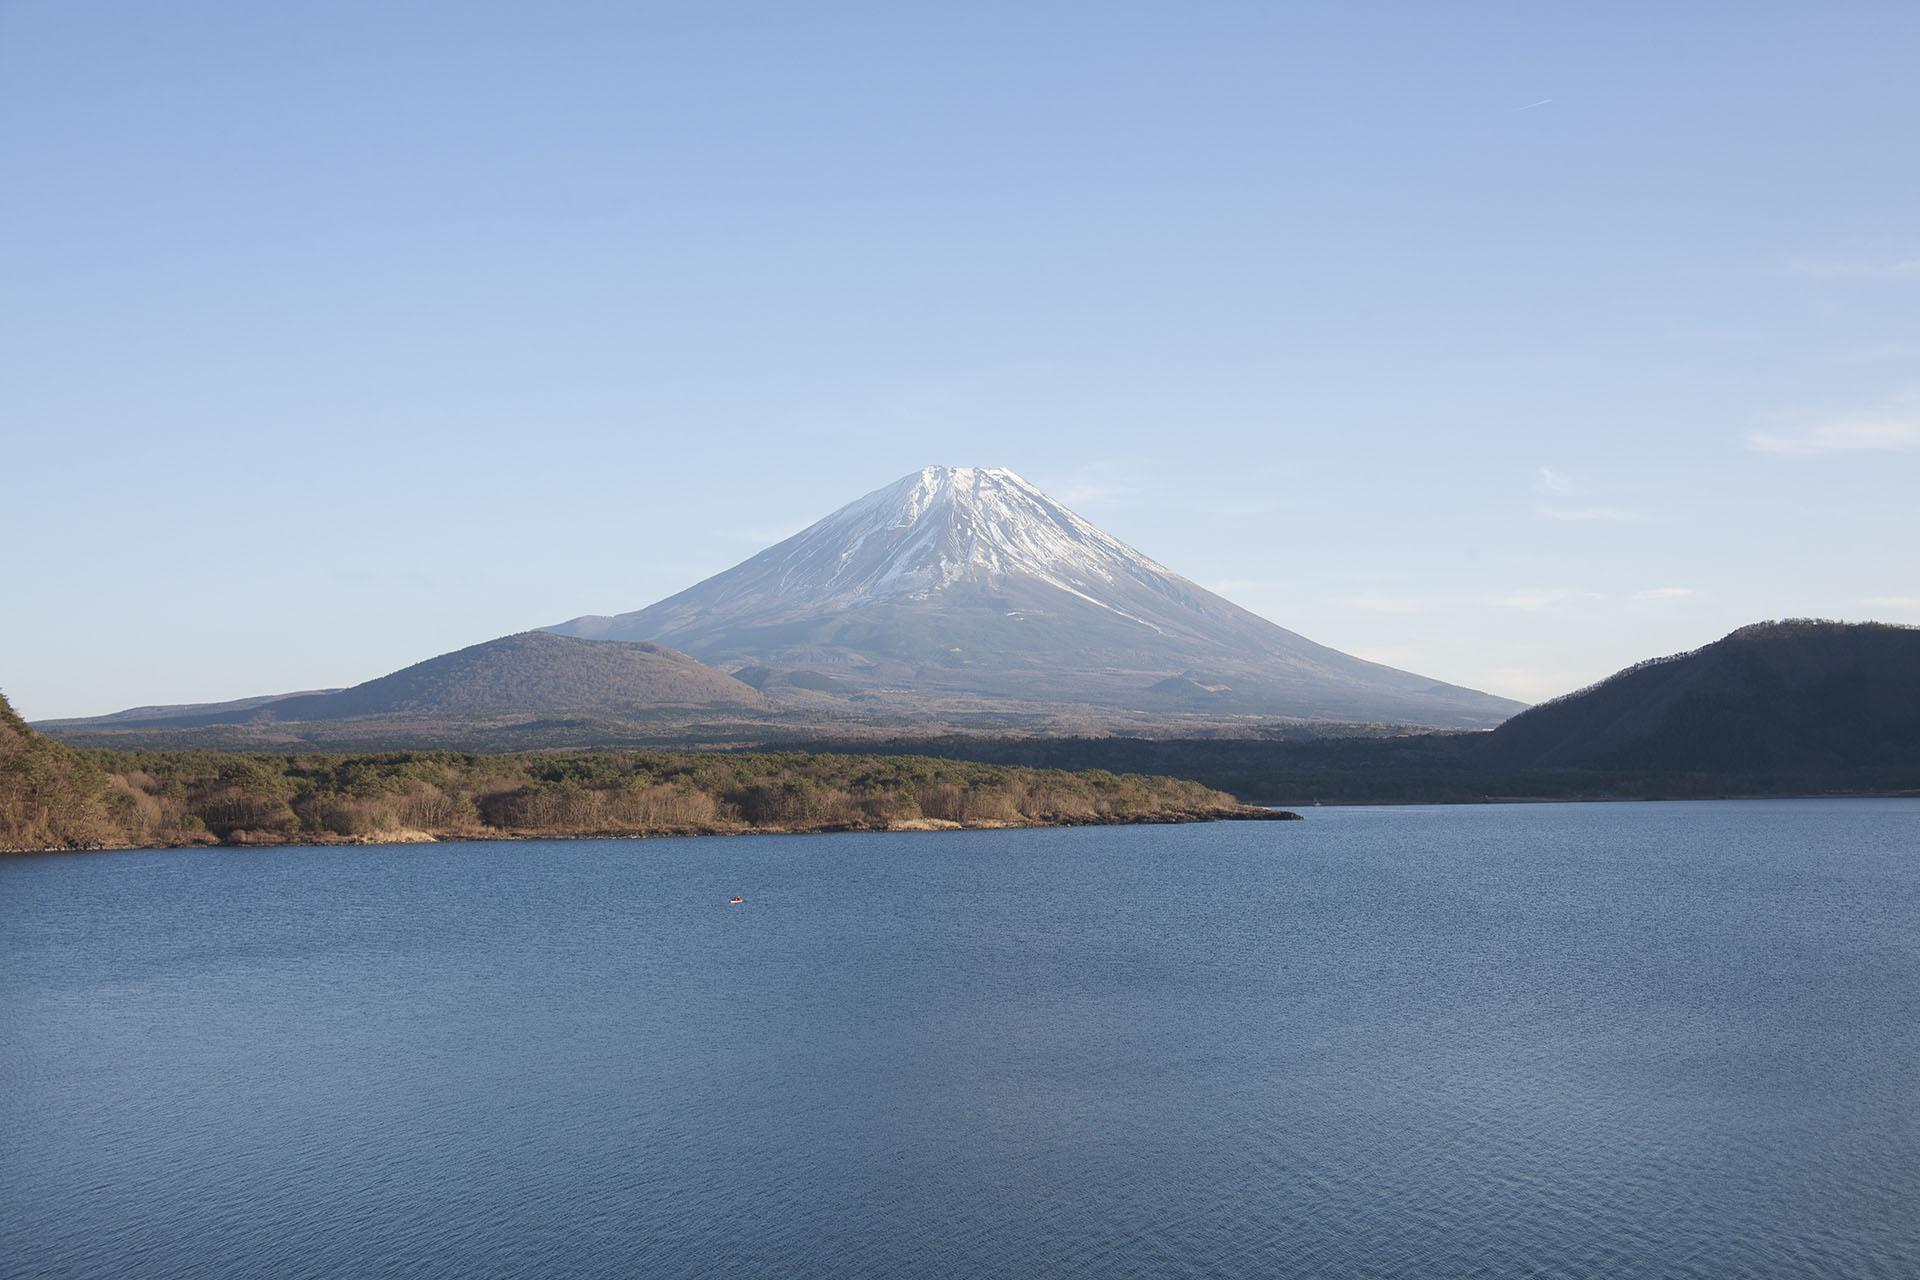 富士山と本栖湖の風景 山梨の風景